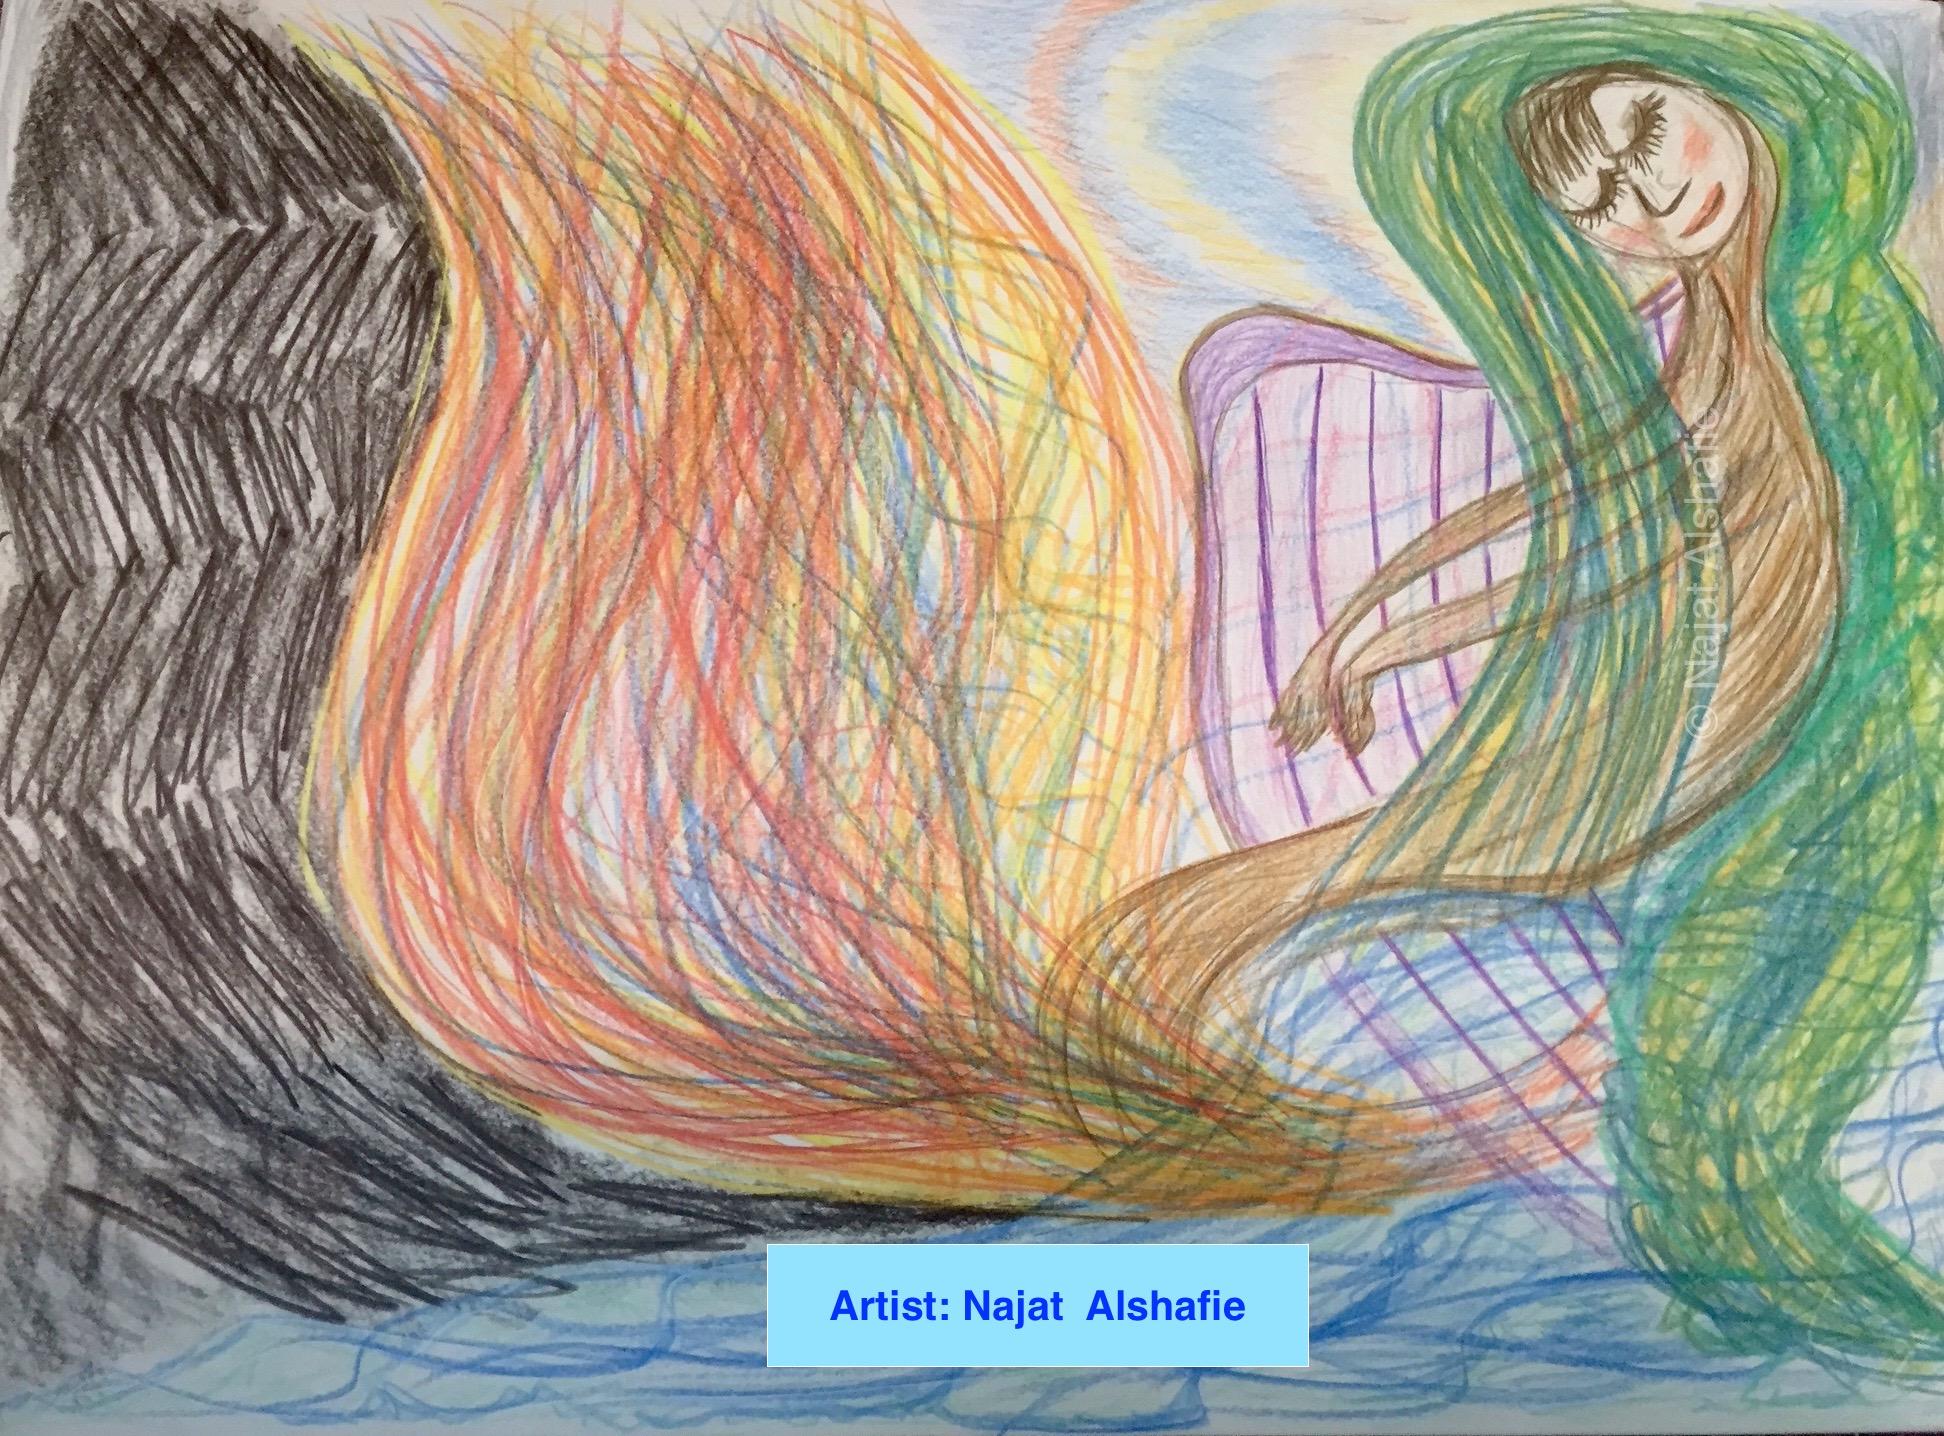 العمل الفني: نجاة الشافعي  عروس البحر